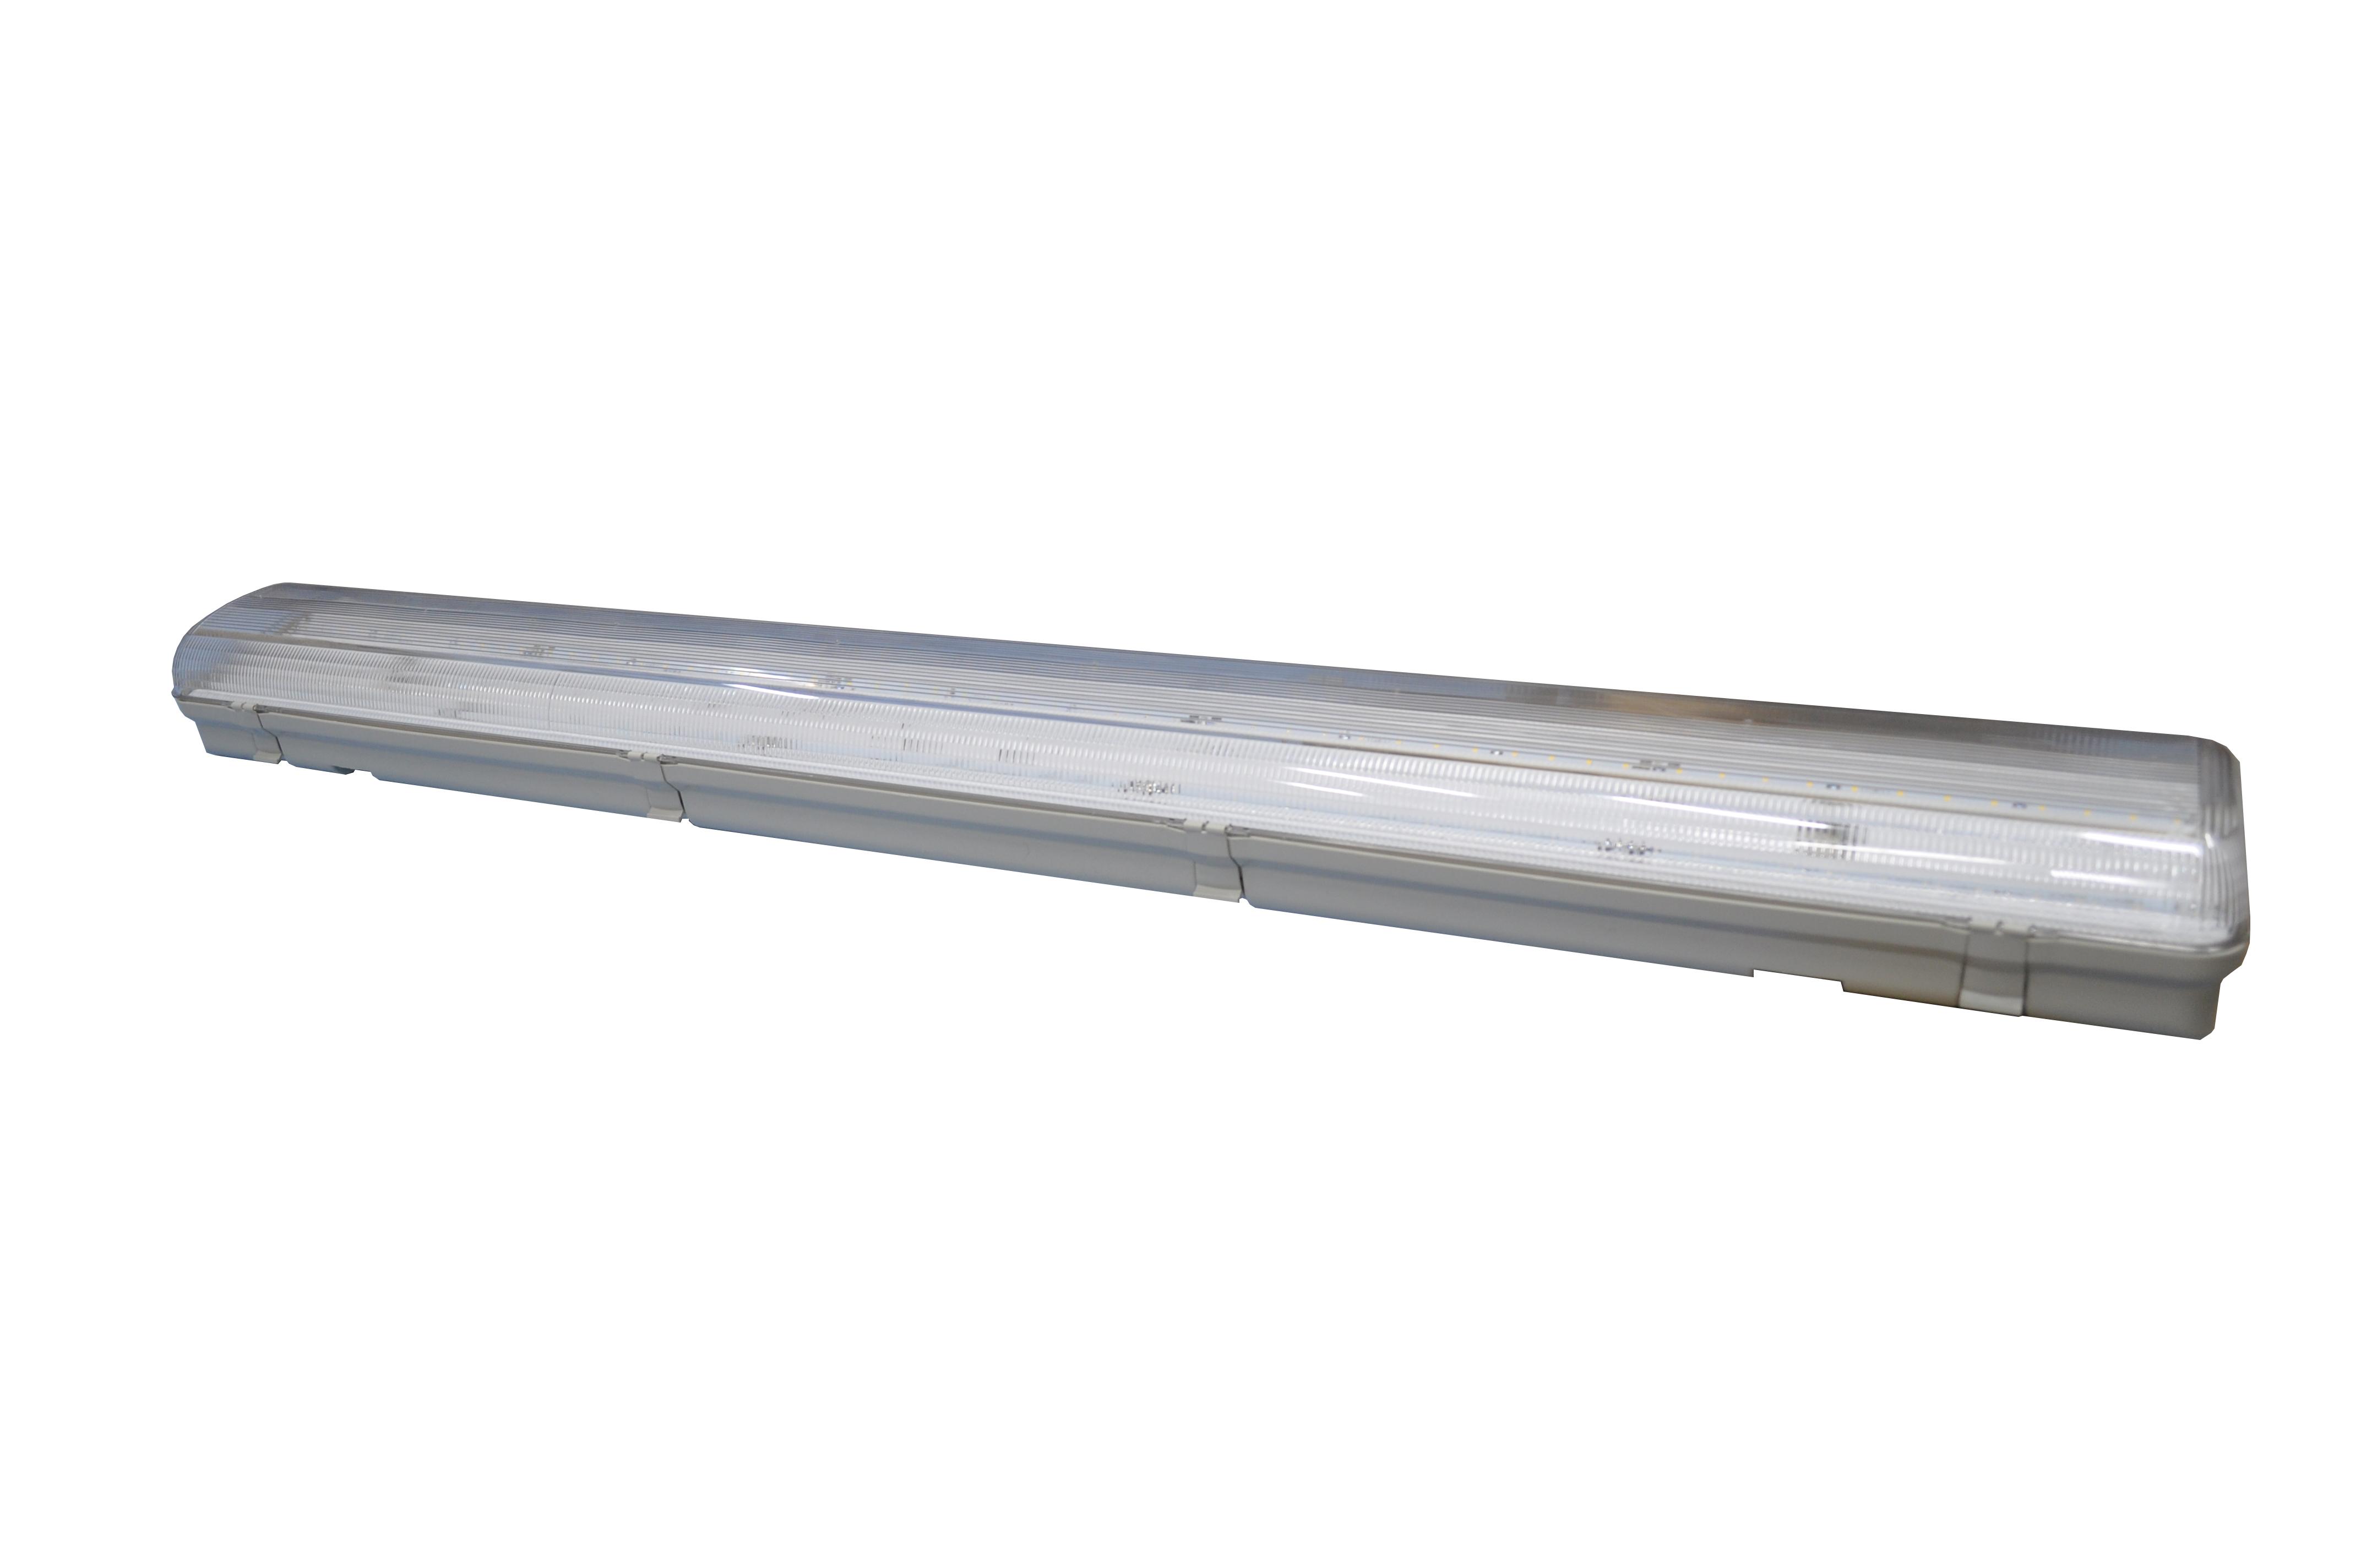 Светодиодные светильники LEDEK - Завод светотехники